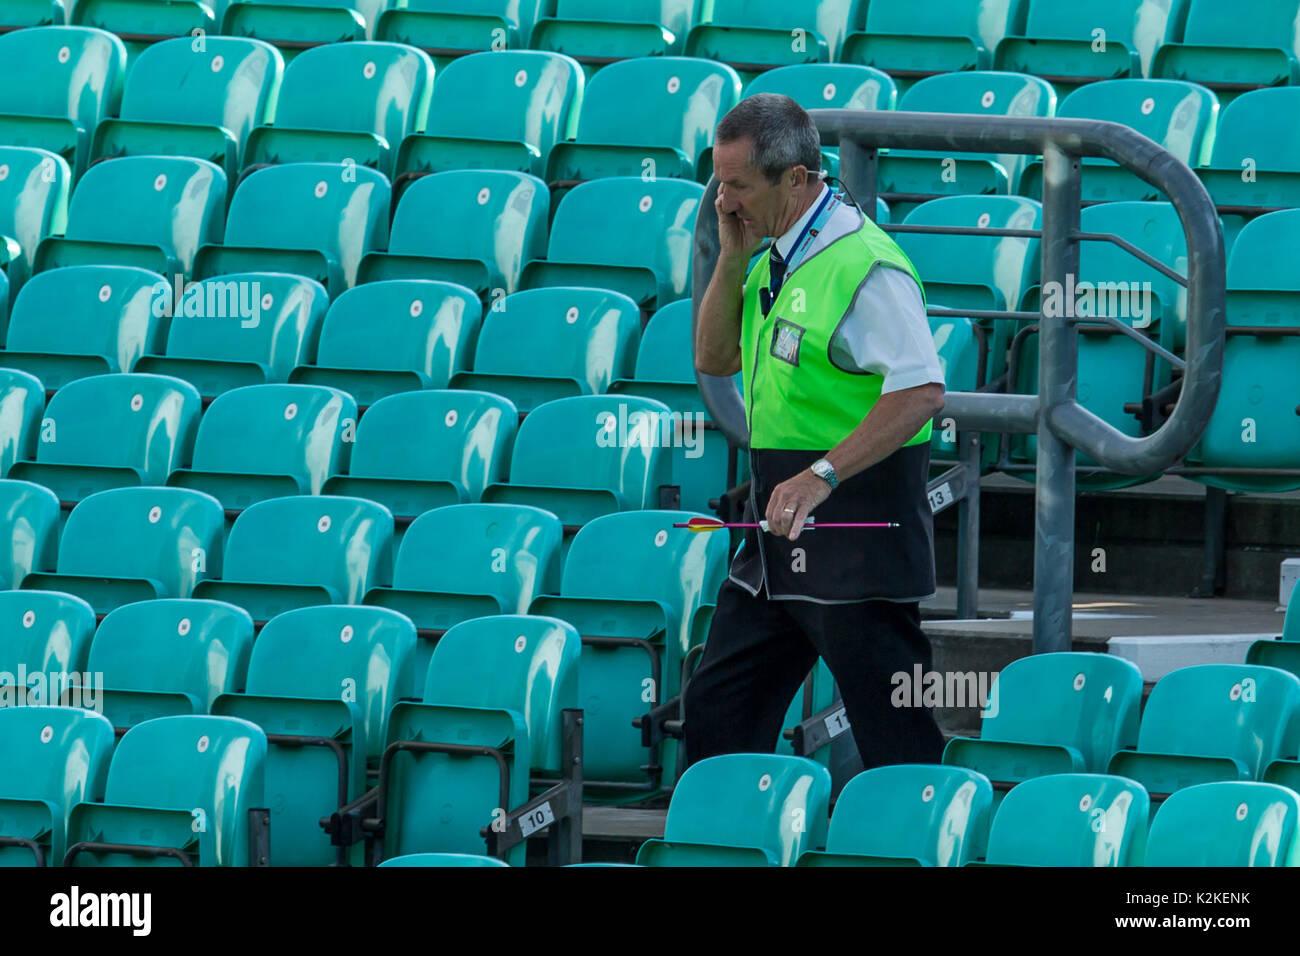 31 août 2017, Londres, Royaume-Uni. Une flèche qui a été tourné sur le terrain est effectué par un délégué syndical à l'ovale et la foule est évacuée. David Rowe/ Alamy Live News Banque D'Images